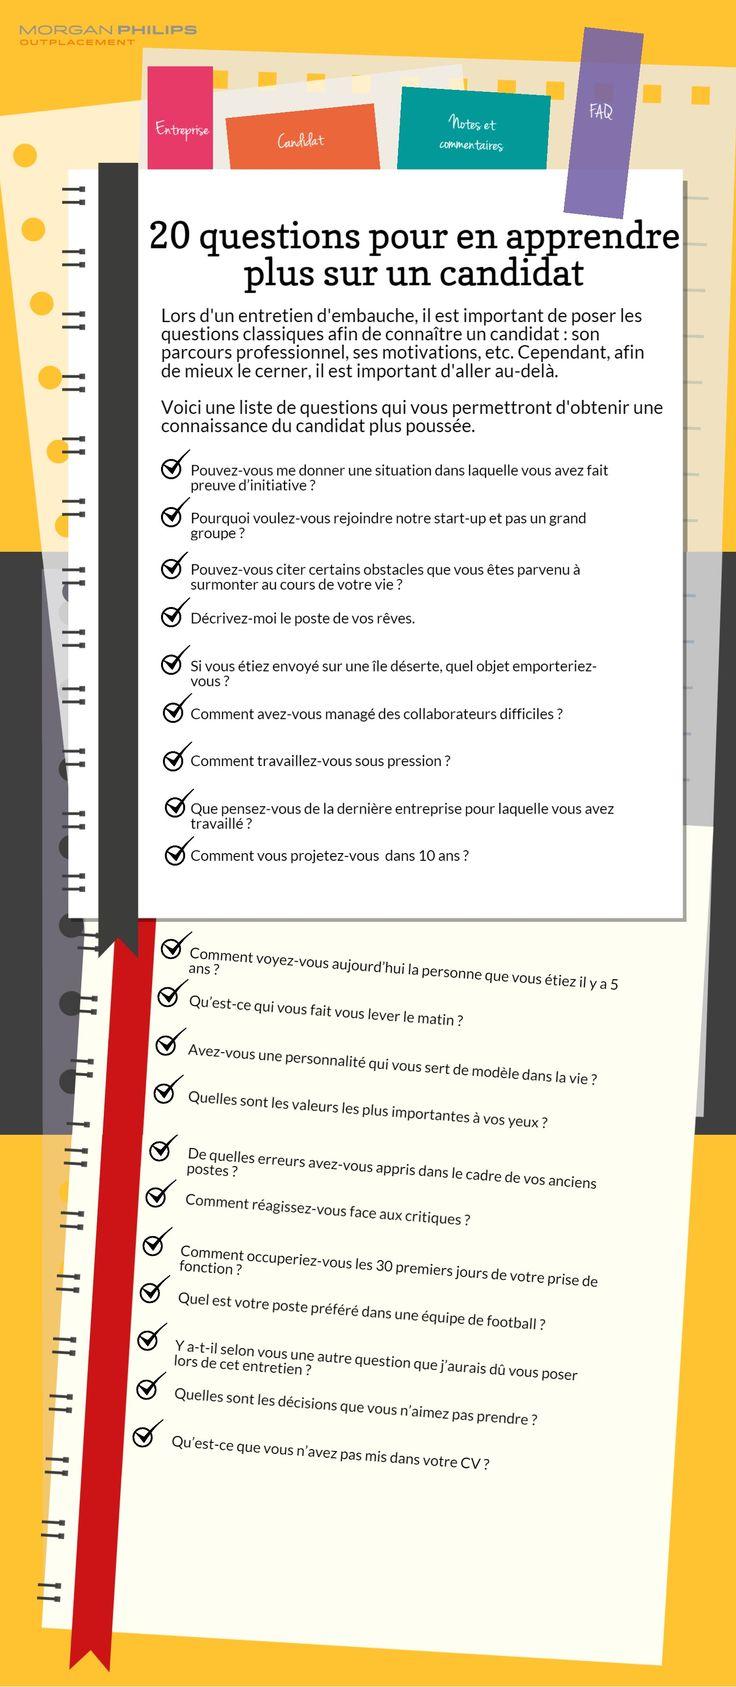 20 questions à poser en entretien d'embauche pour mieux cerner le candidat #RH #recrutement #emploi